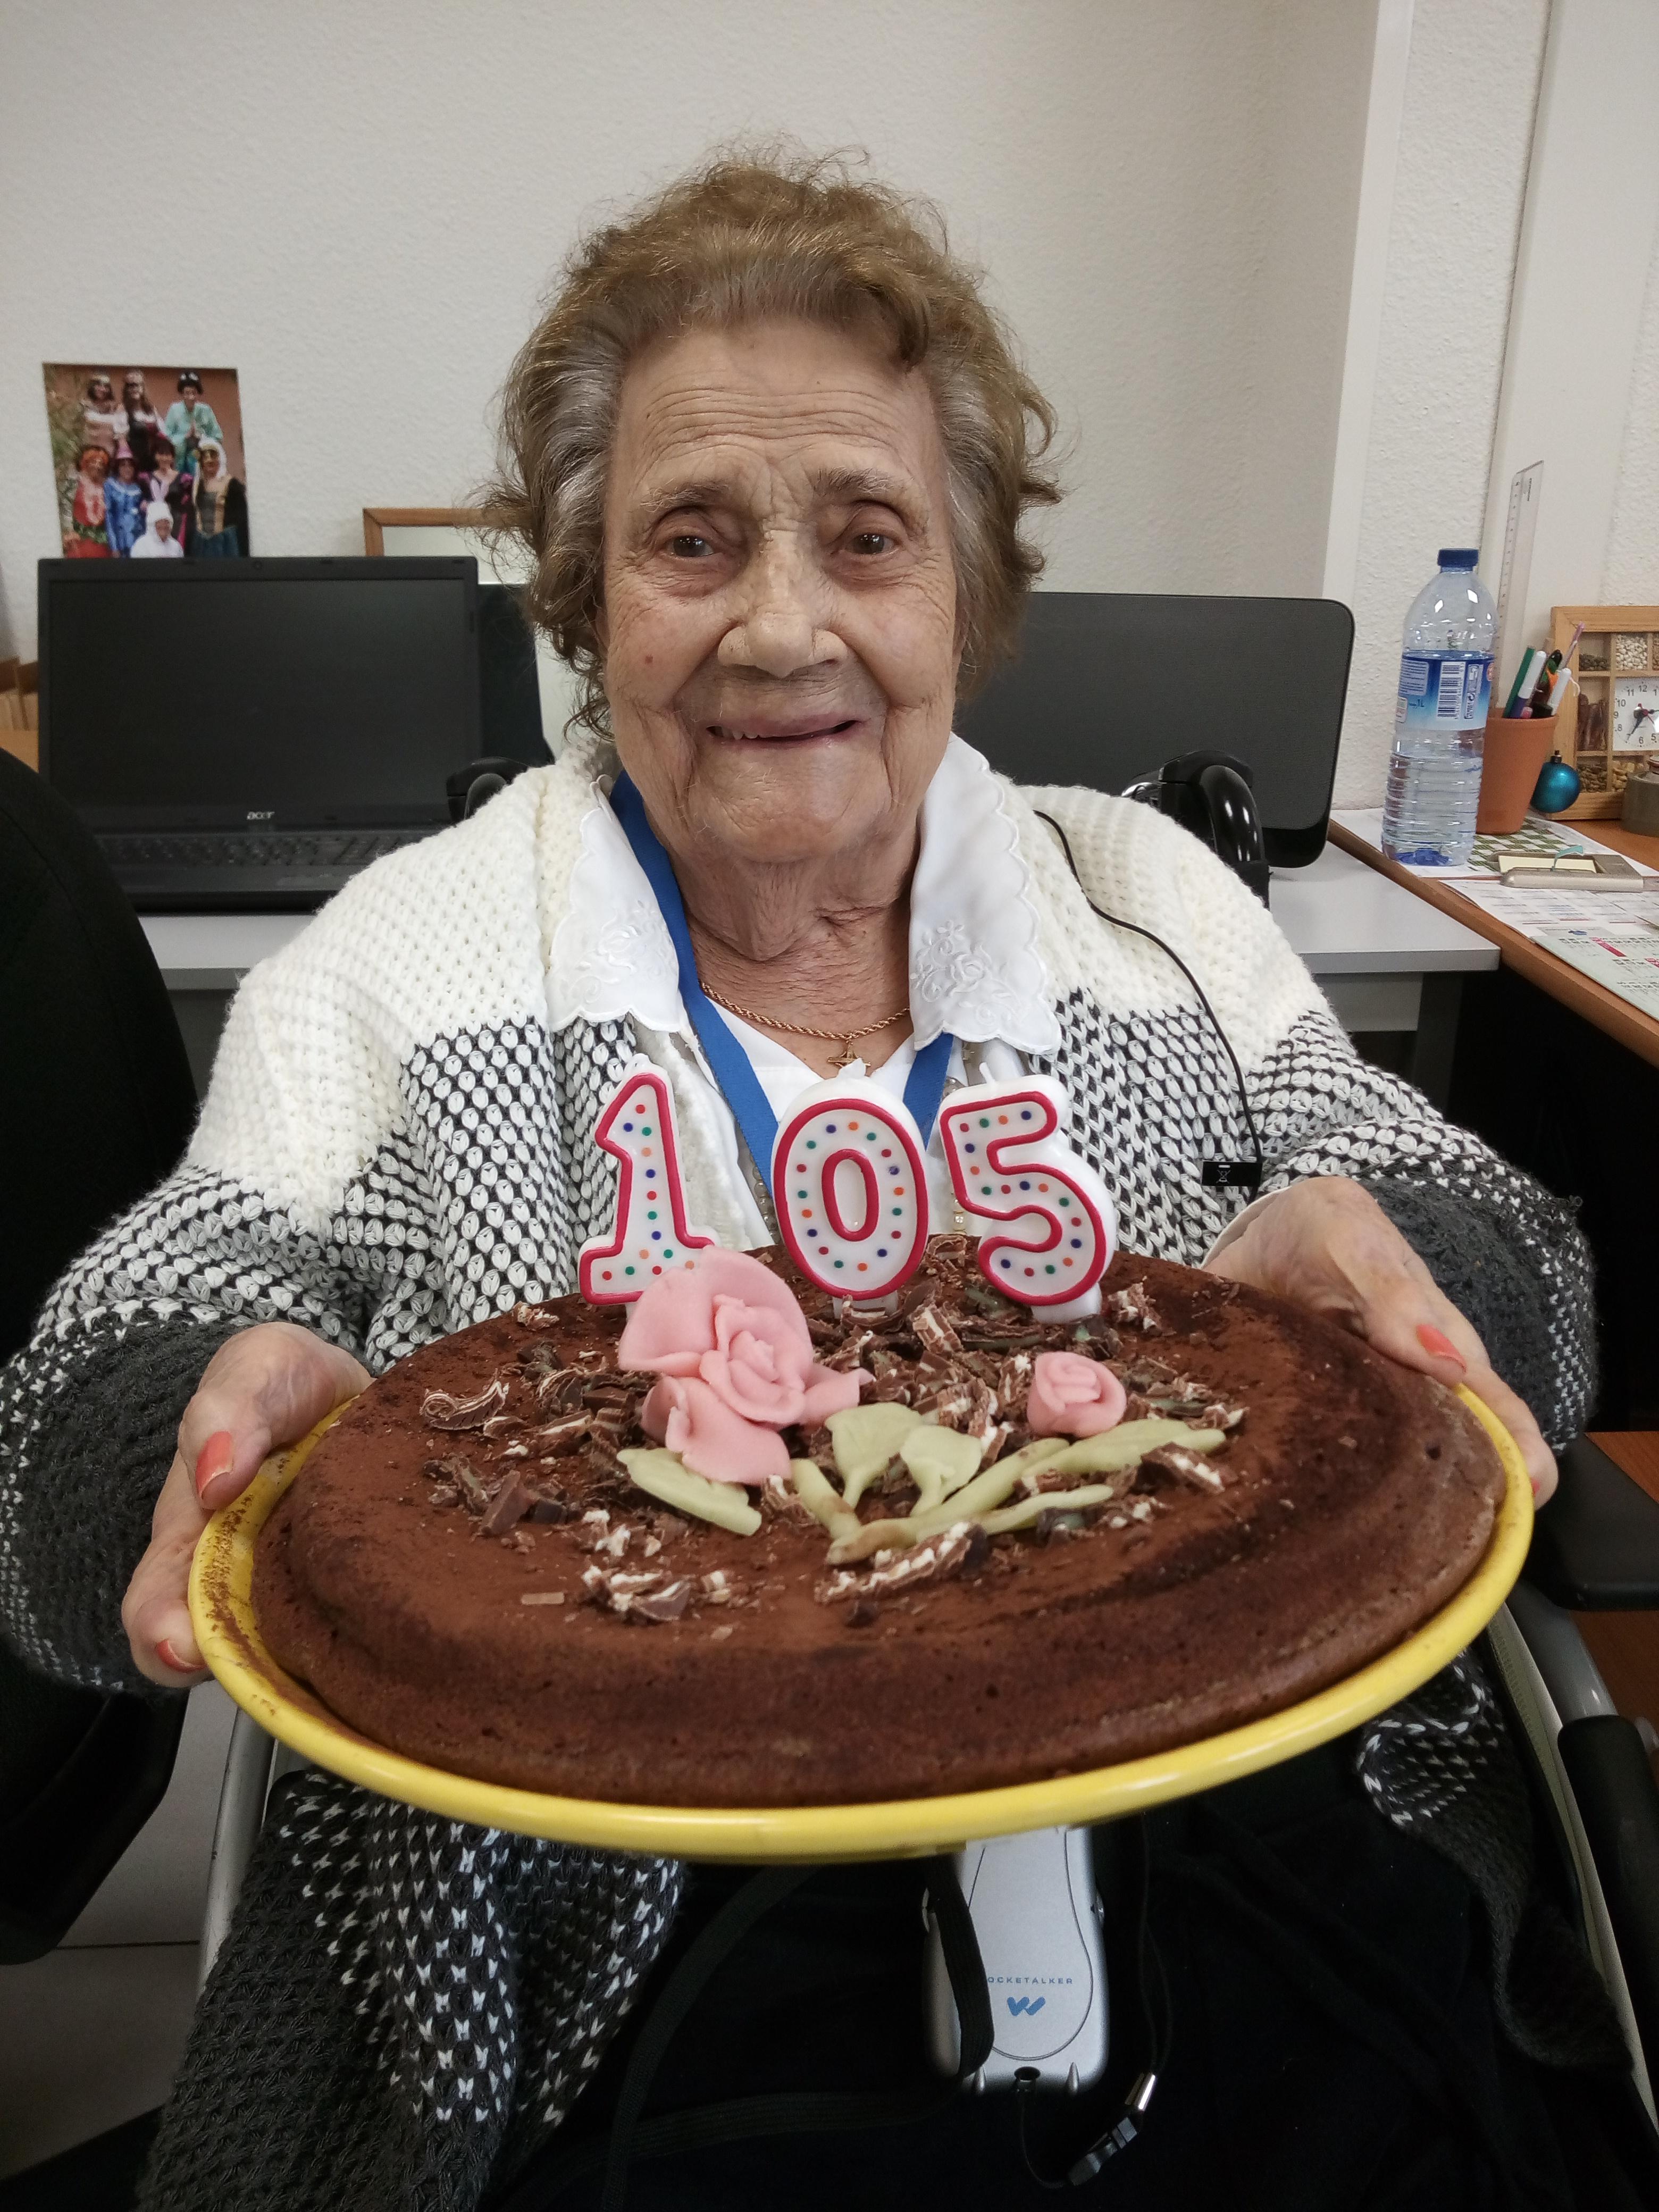 cette semaine nous avons célébré les 105 ans d'une de nos résidente à la maison de retraite Sainte Victoire